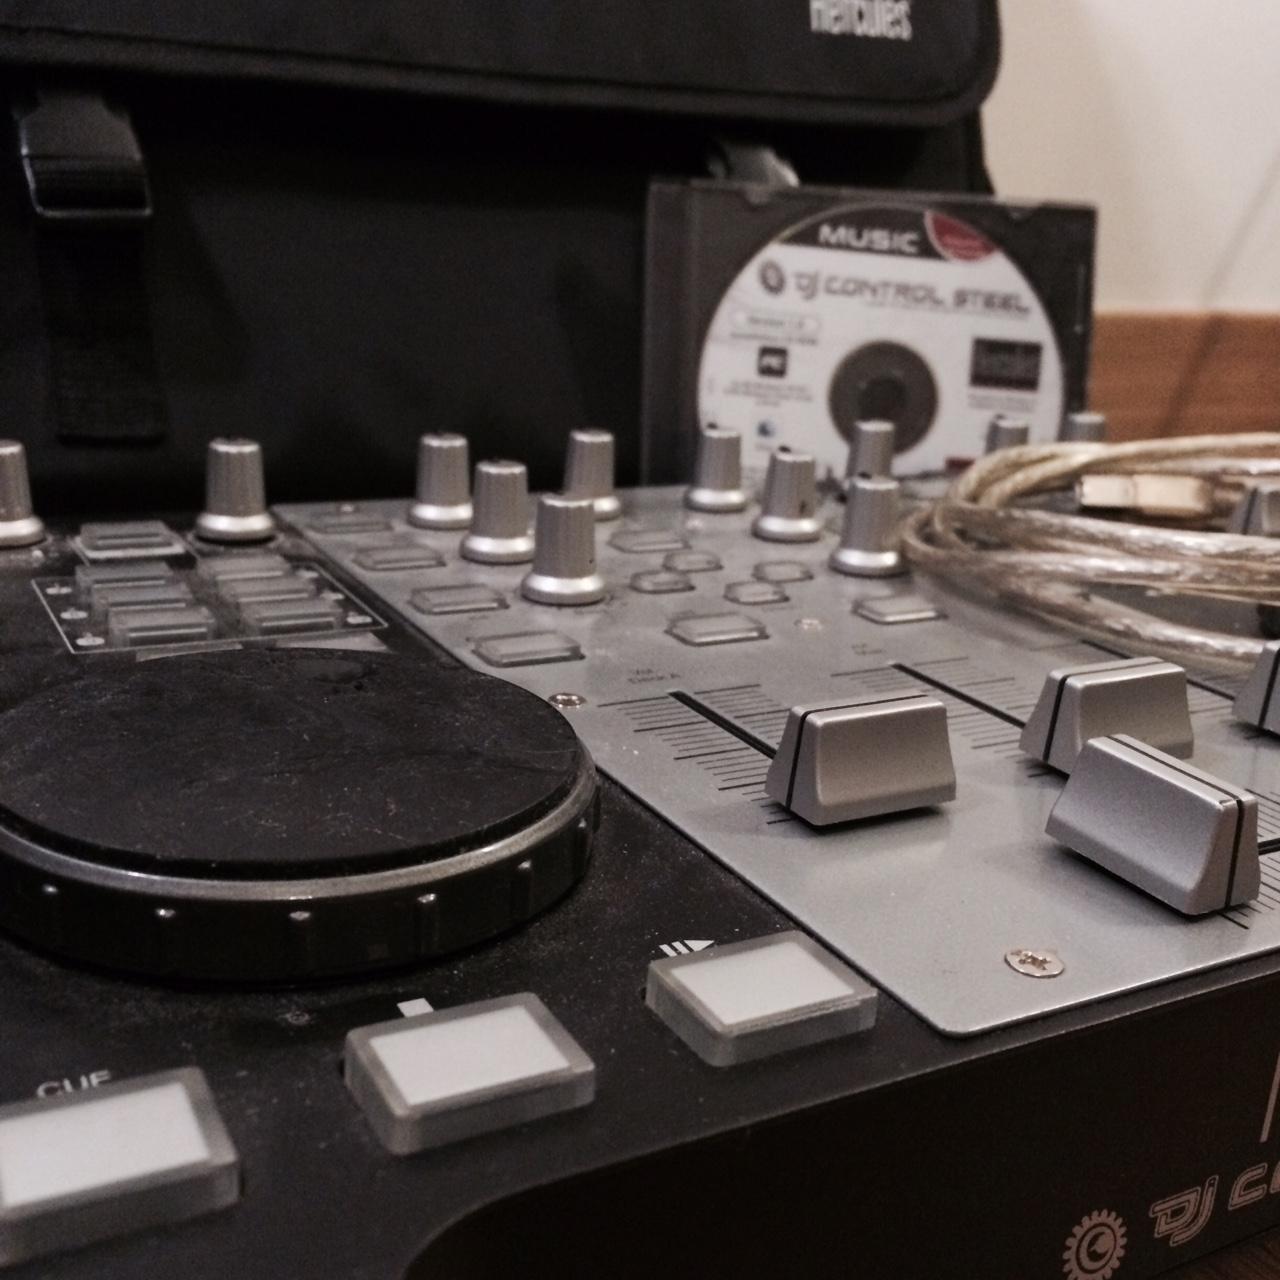 Dj control mp3 hercules dj control mp3 audiofanzine - Table de mixage hercules dj control mp3 e2 ...